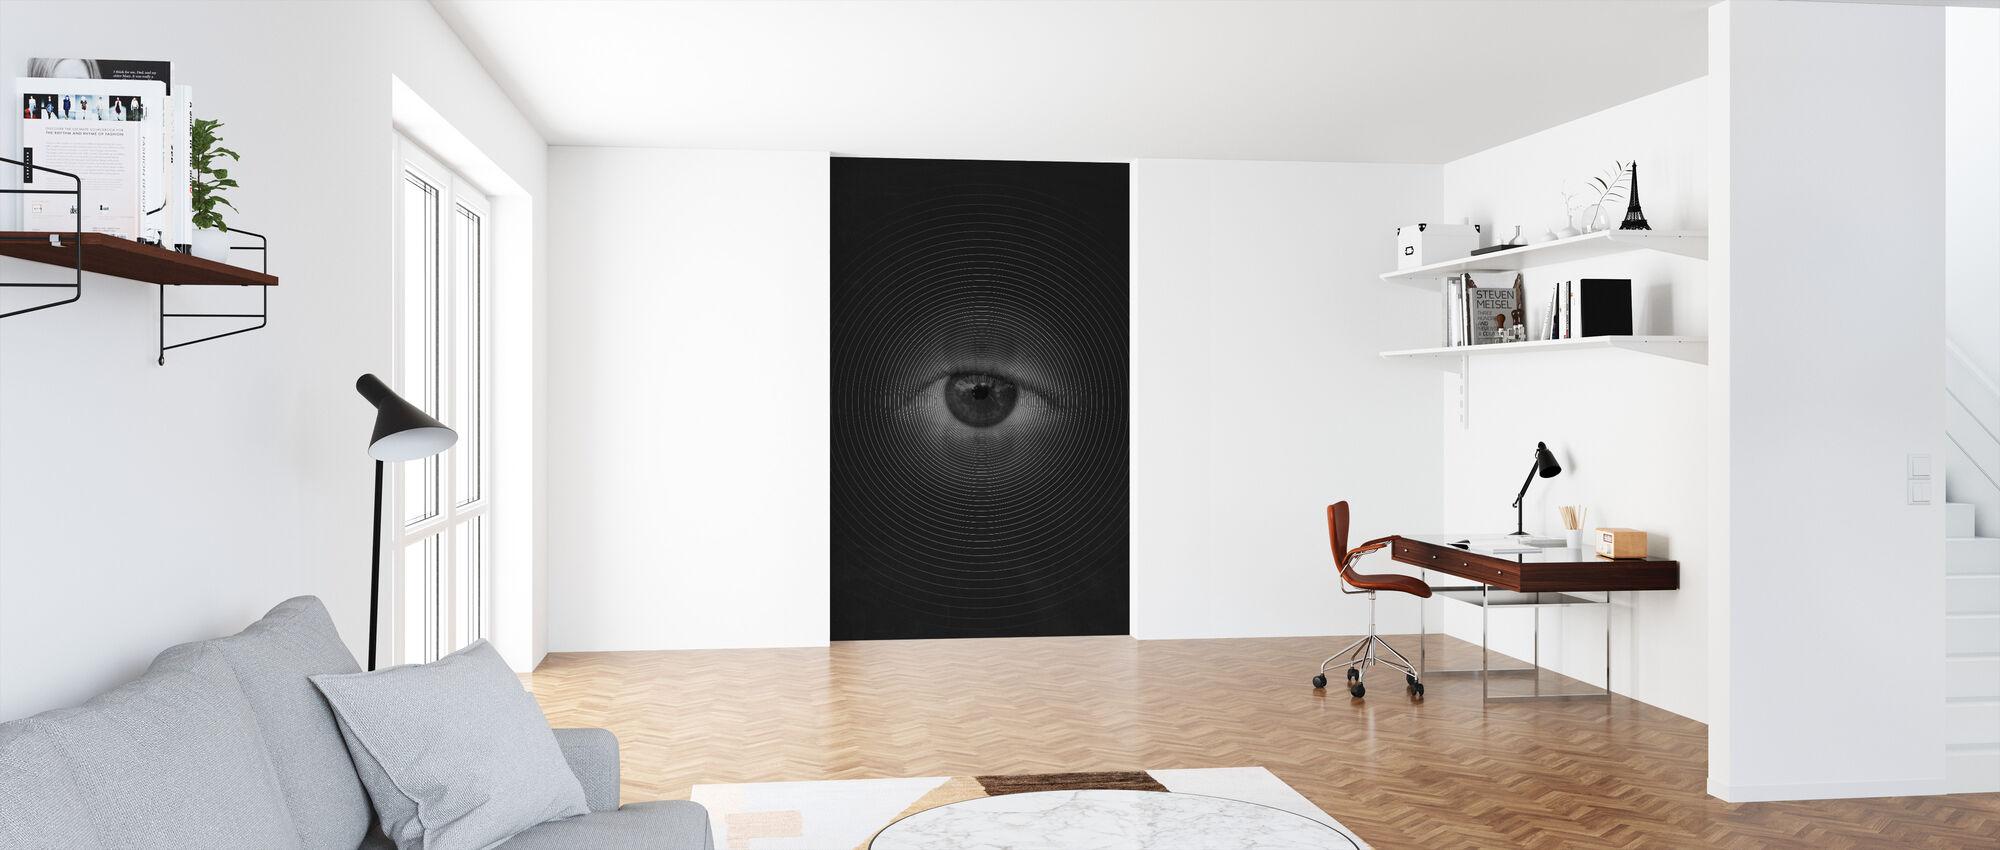 Eye - Wallpaper - Office